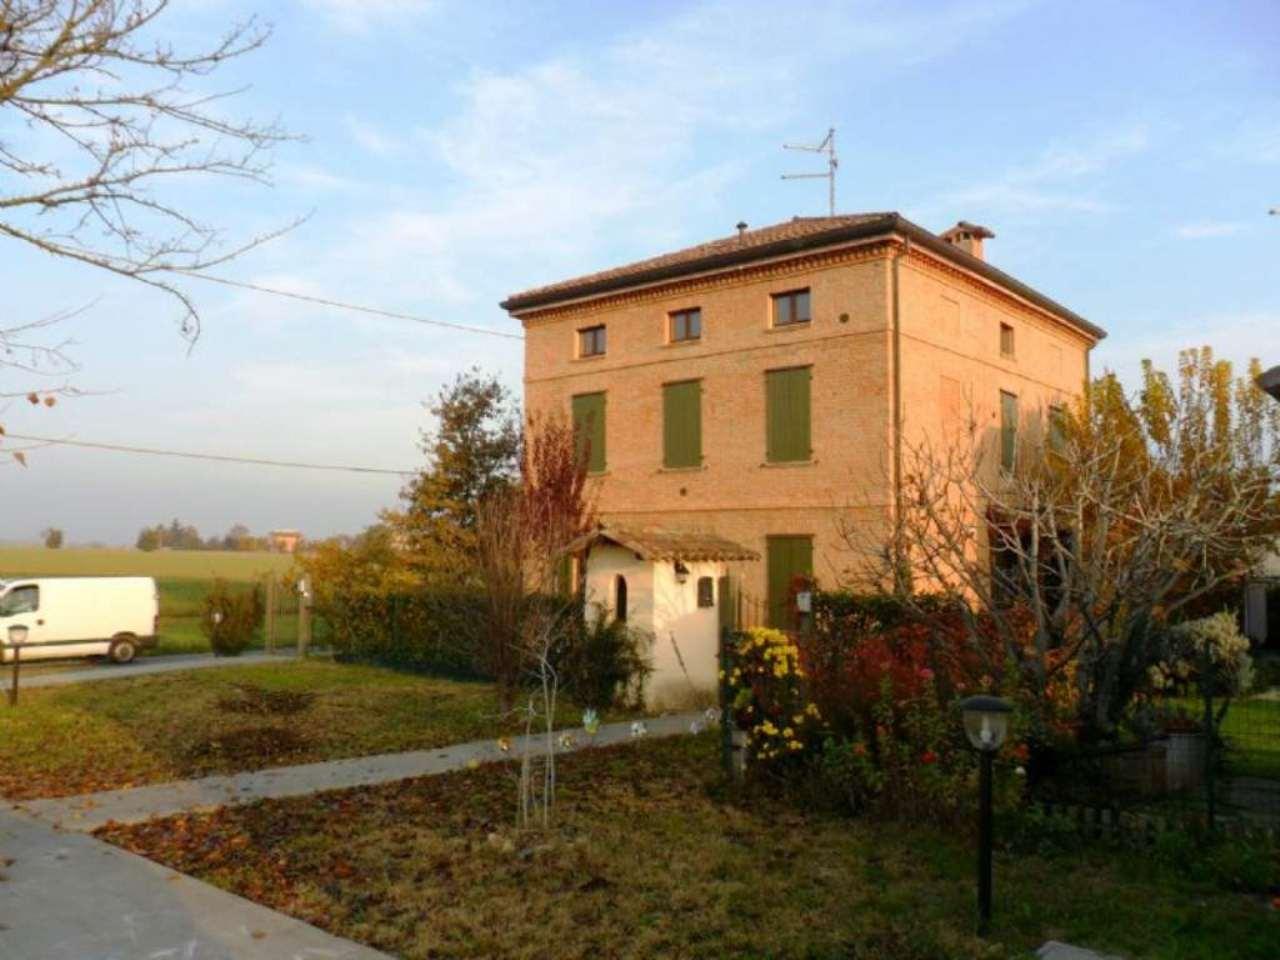 Appartamento in vendita a Noceto, 2 locali, prezzo € 86.000 | Cambio Casa.it